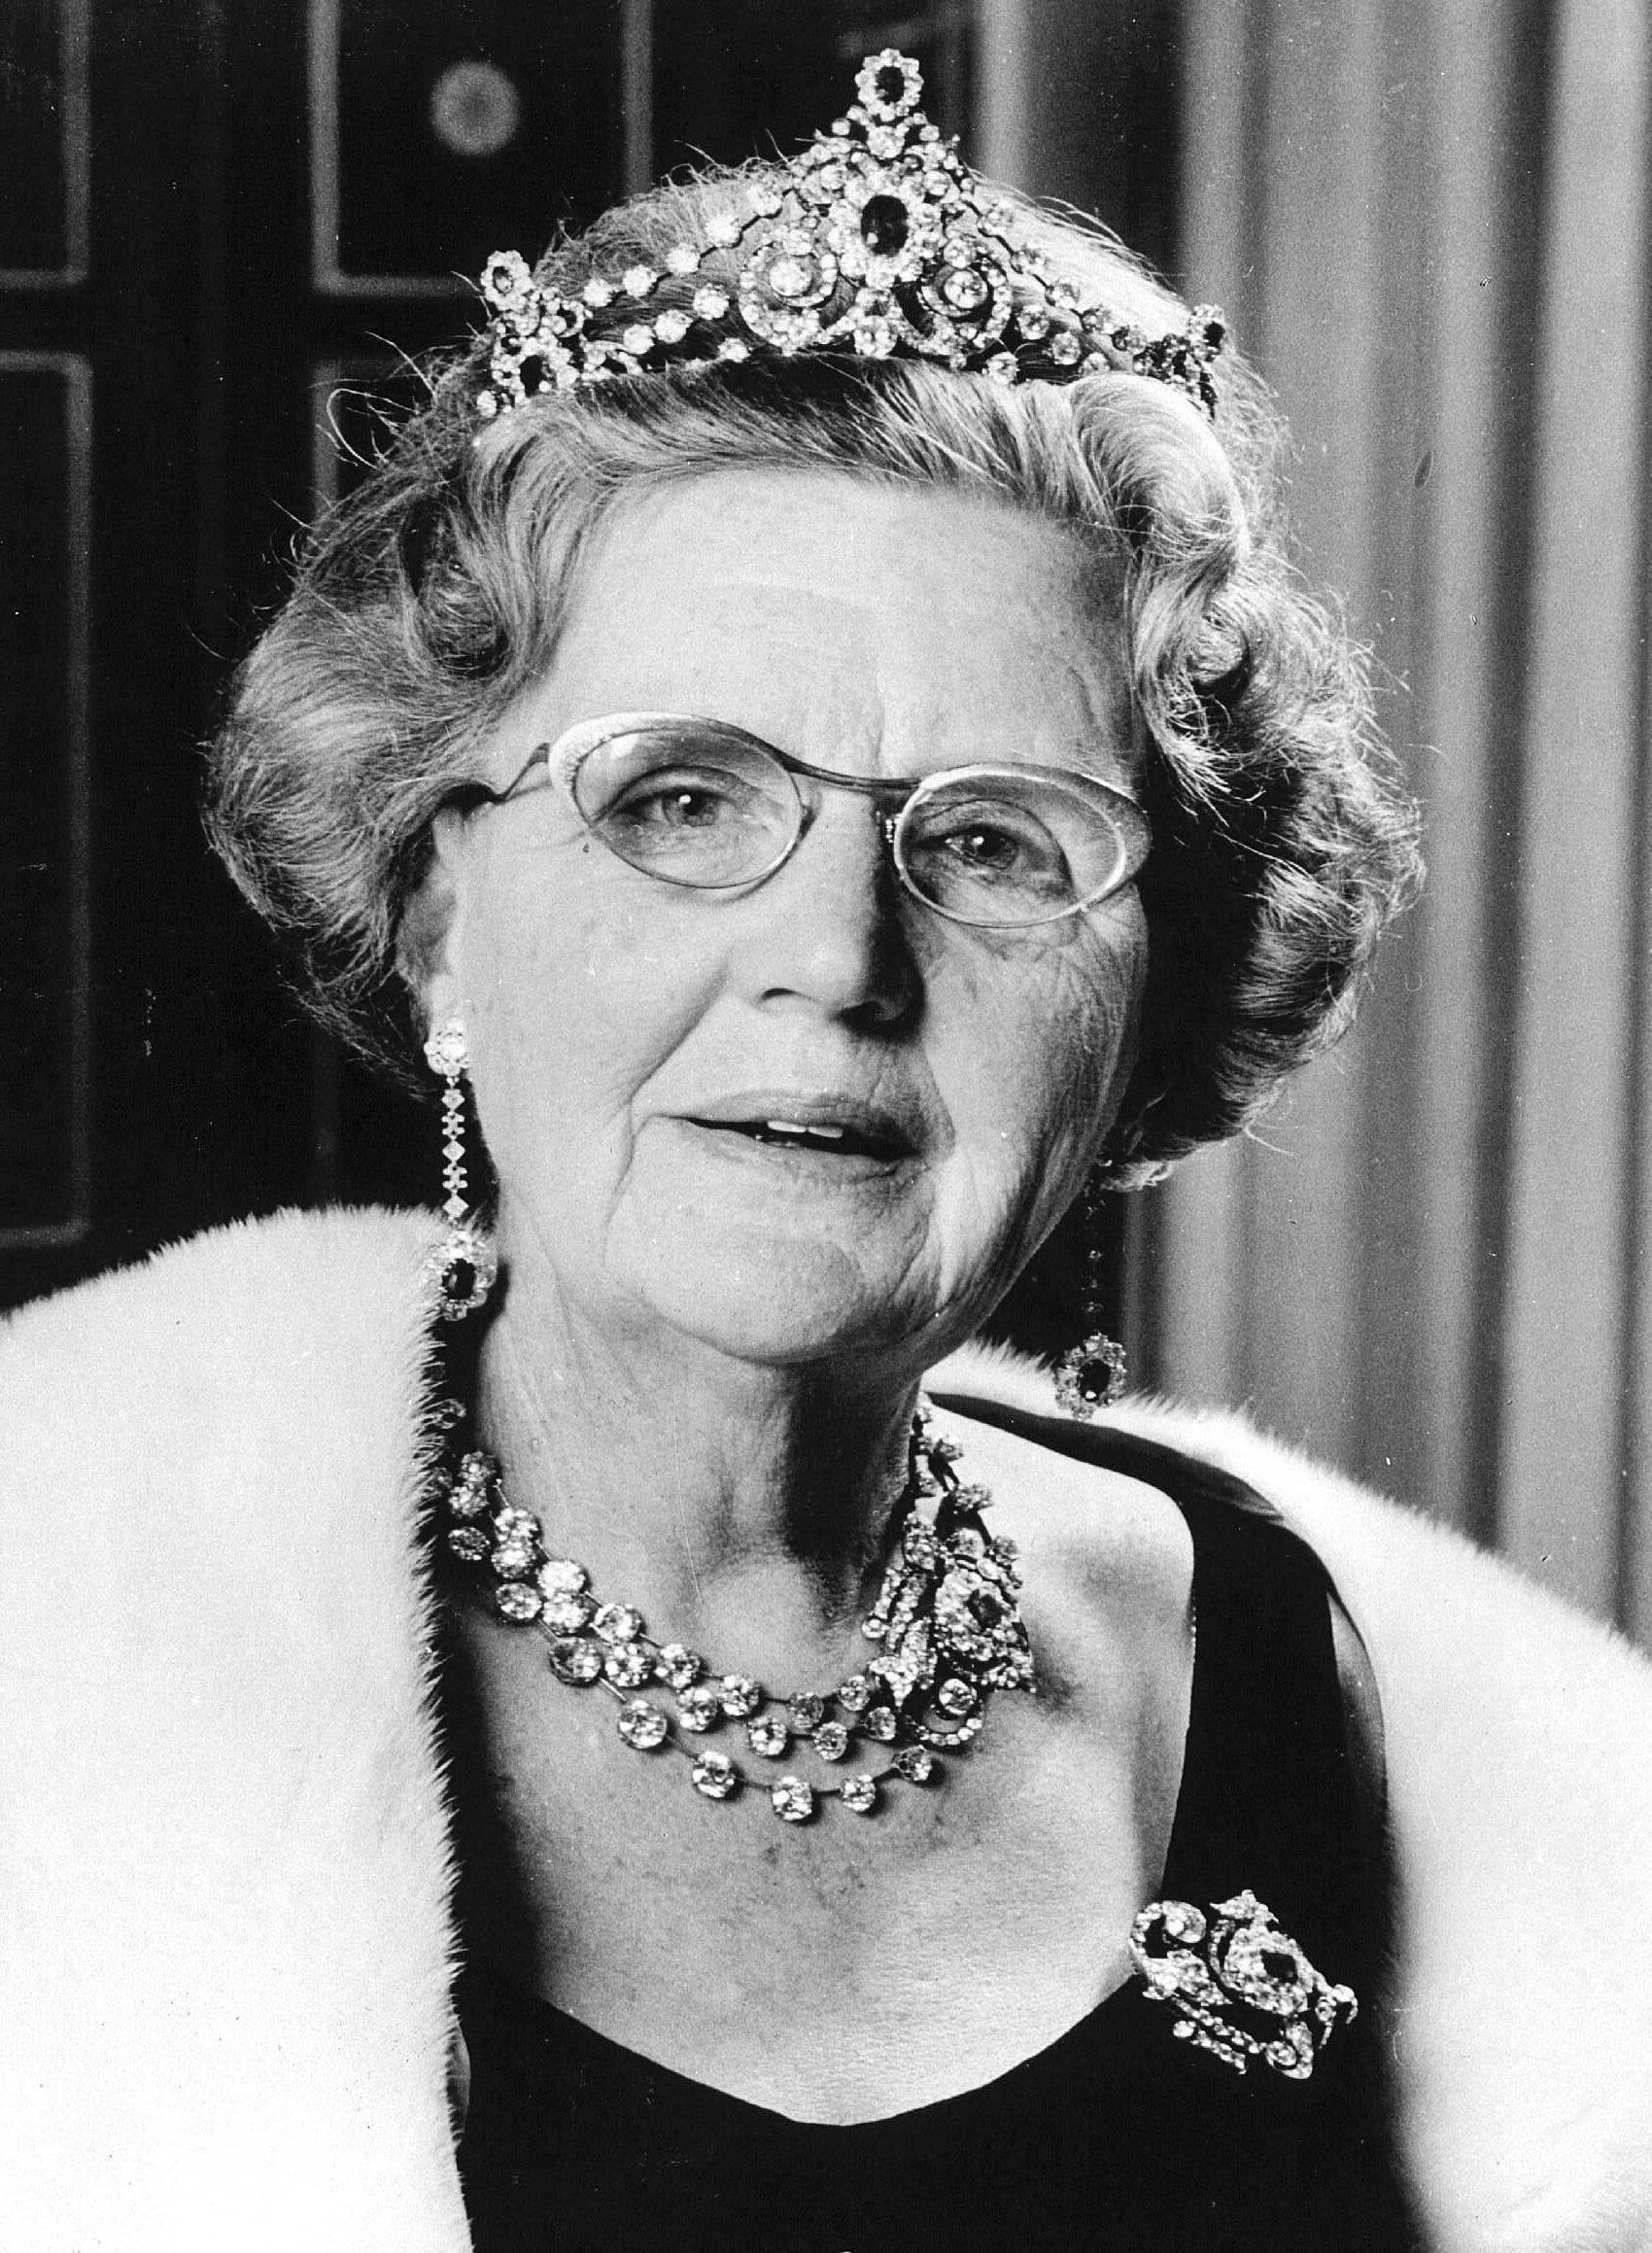 Aus Angst um ihr Kind klammerte sich Königin Juliana an jeden Strohhalm. Fast hätte sie ihr blindes Vertrauen den Thron gekostet.  © dpa / Benelux-Press